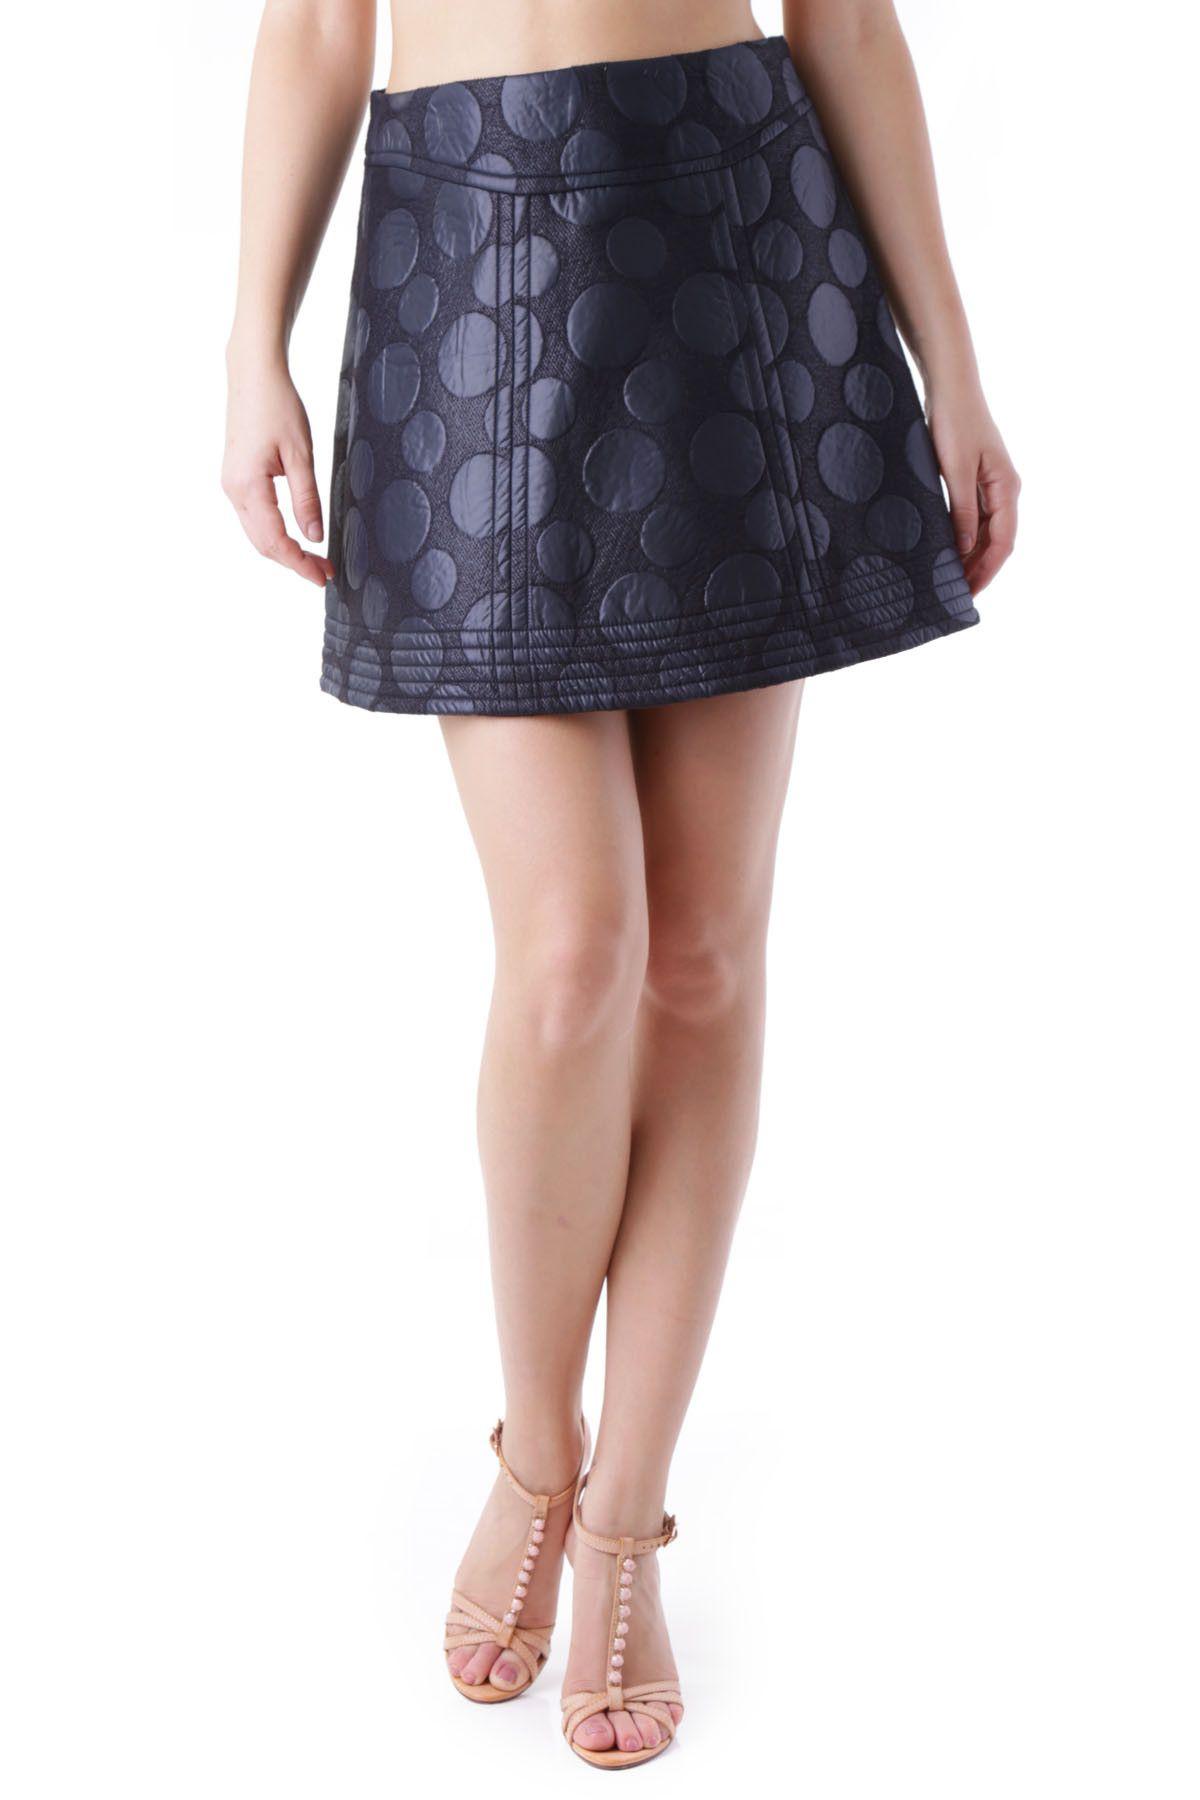 Olivia Hops Women's Skirt In Blue